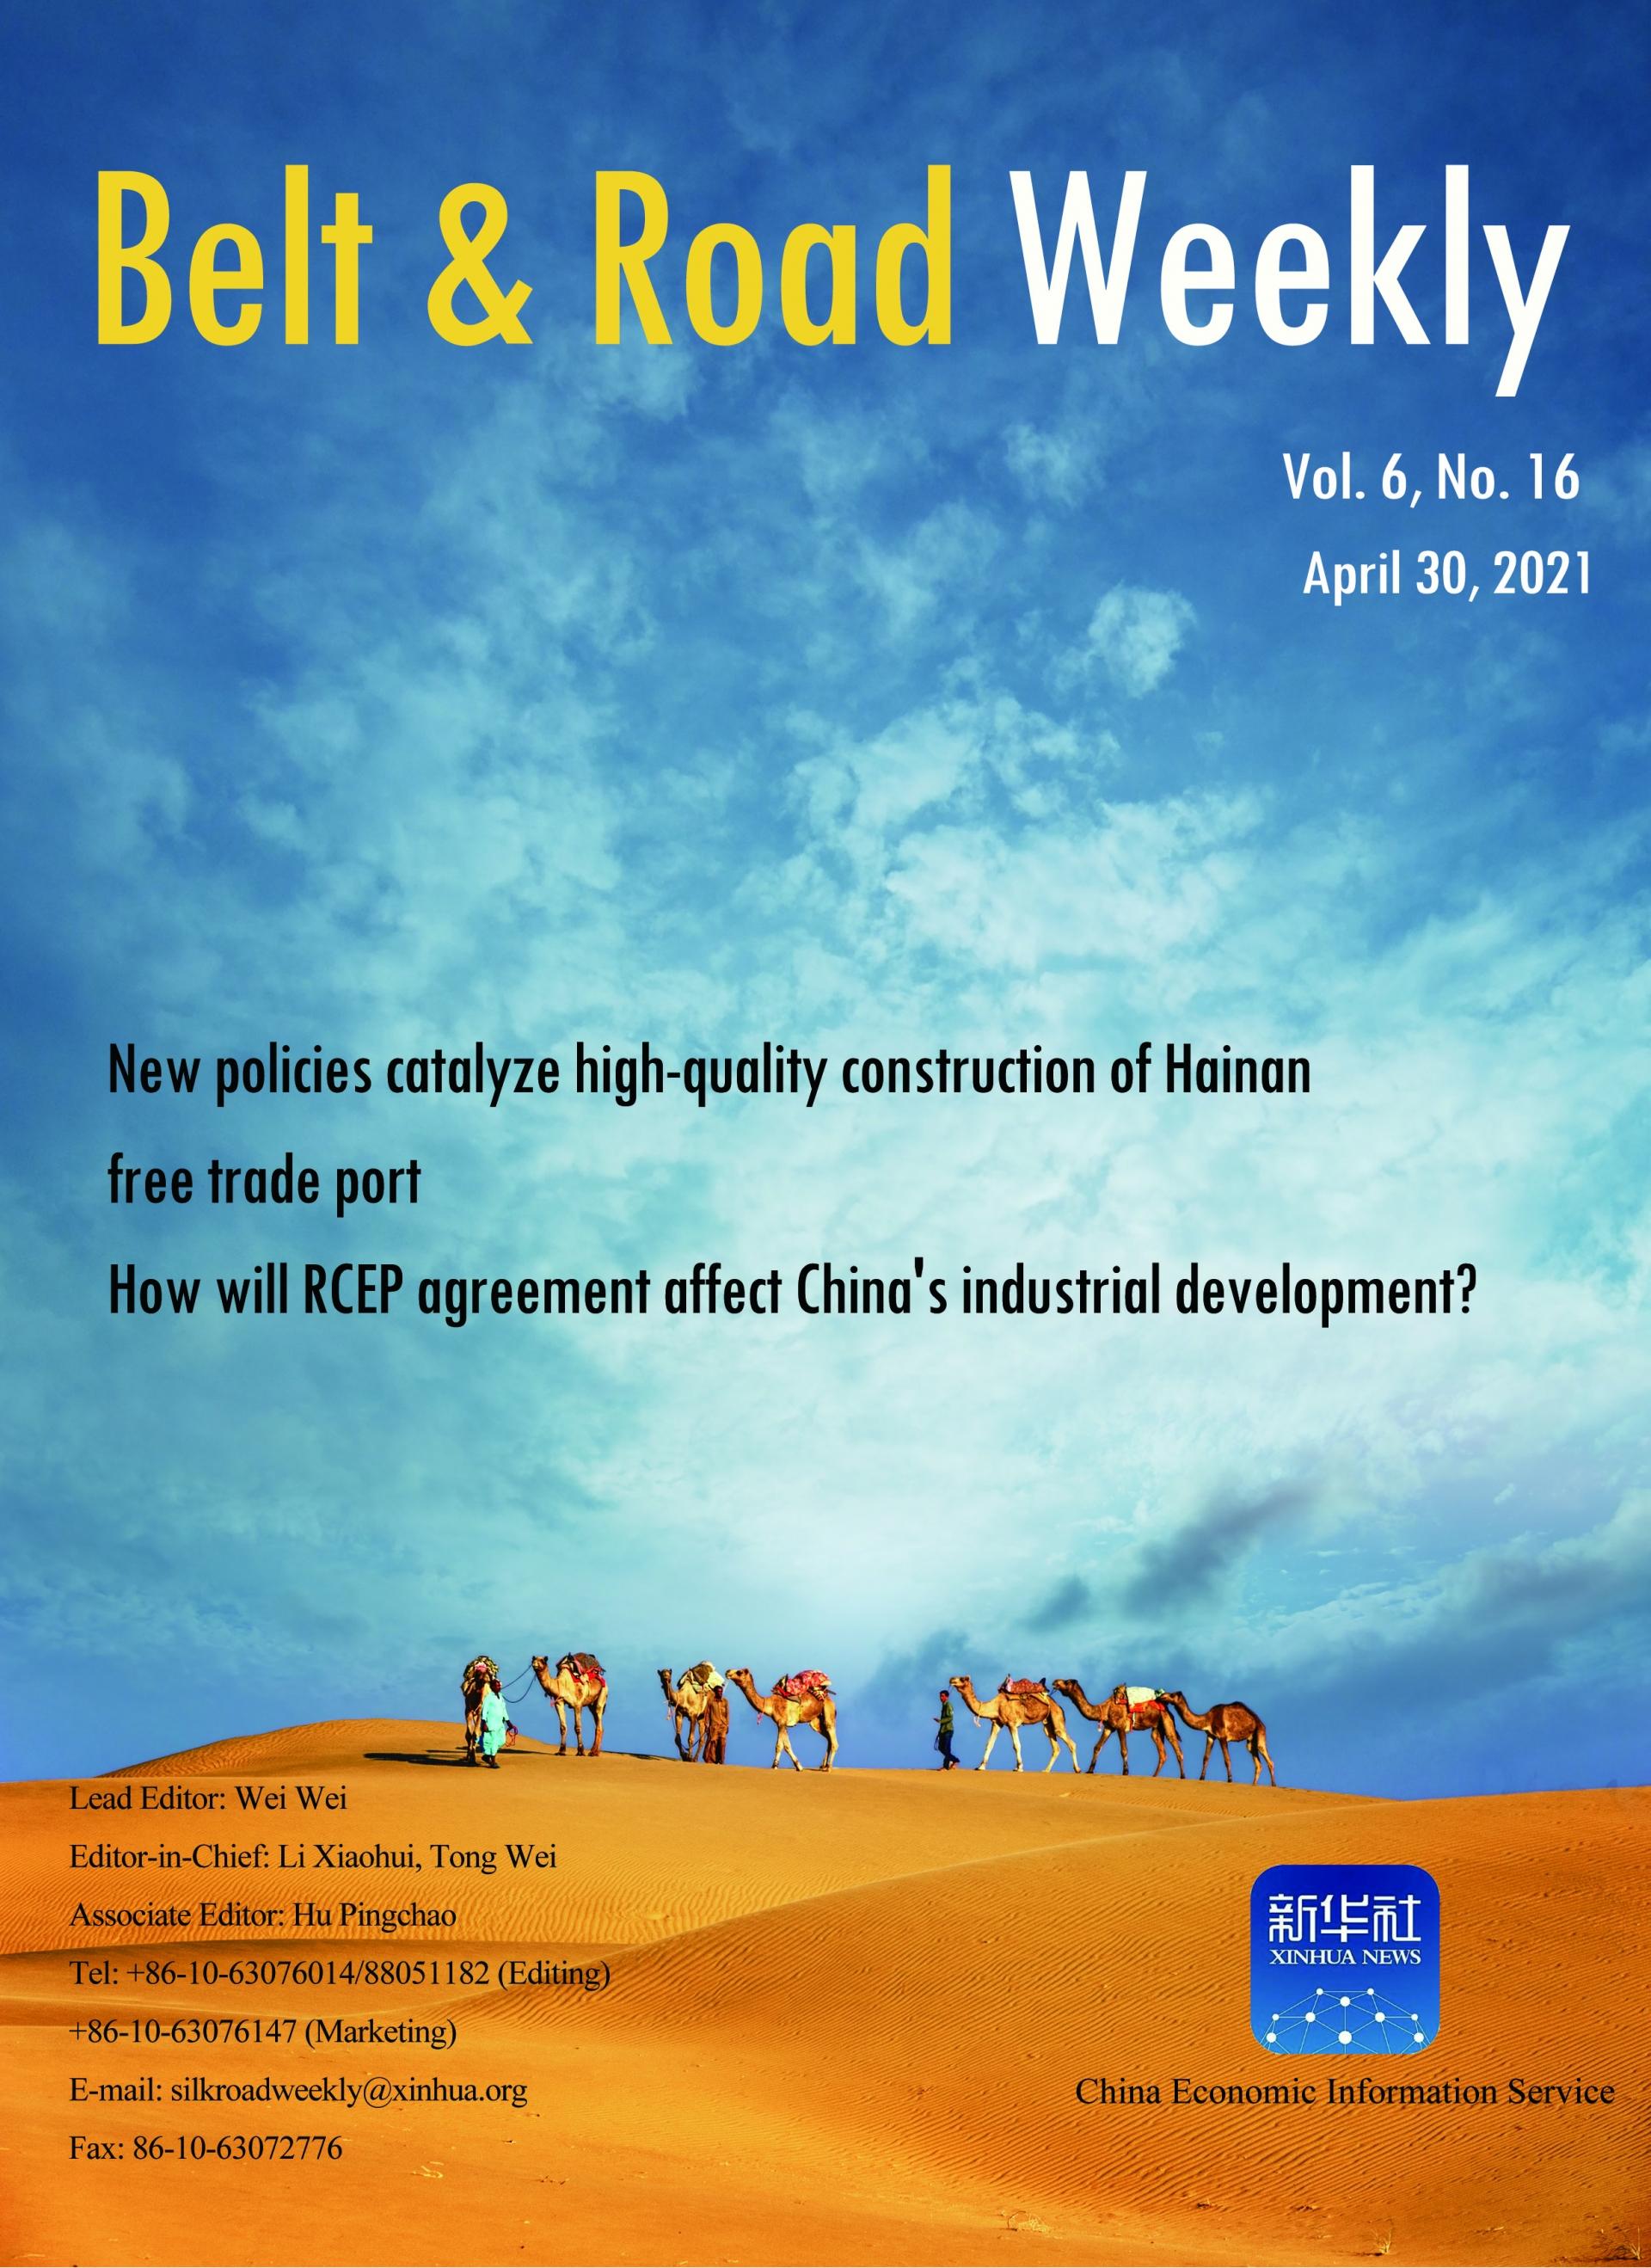 Belt & Road Weekly Vol. 6 No.16